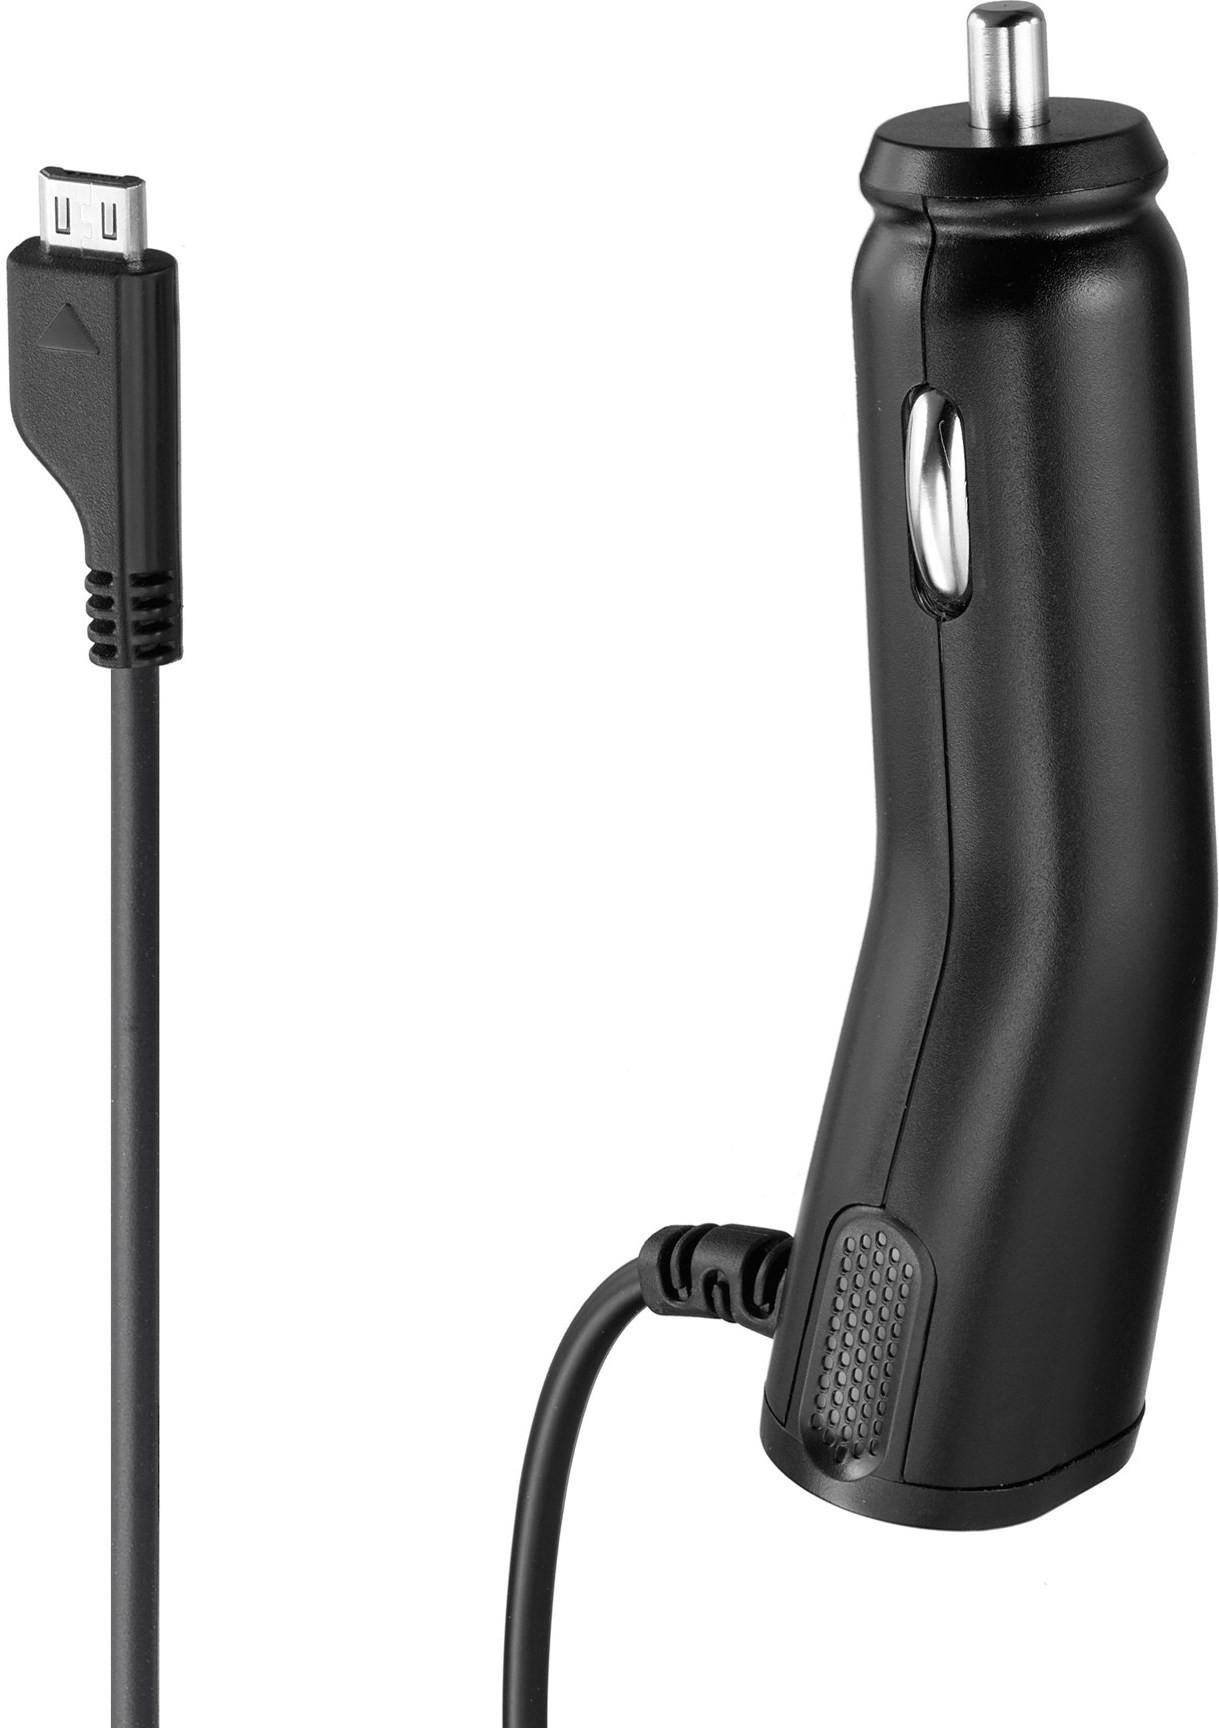 Автомобильное зарядное устройство Samsung S5620 (CAD-300U/ACADU10) micro USB - Фото 1